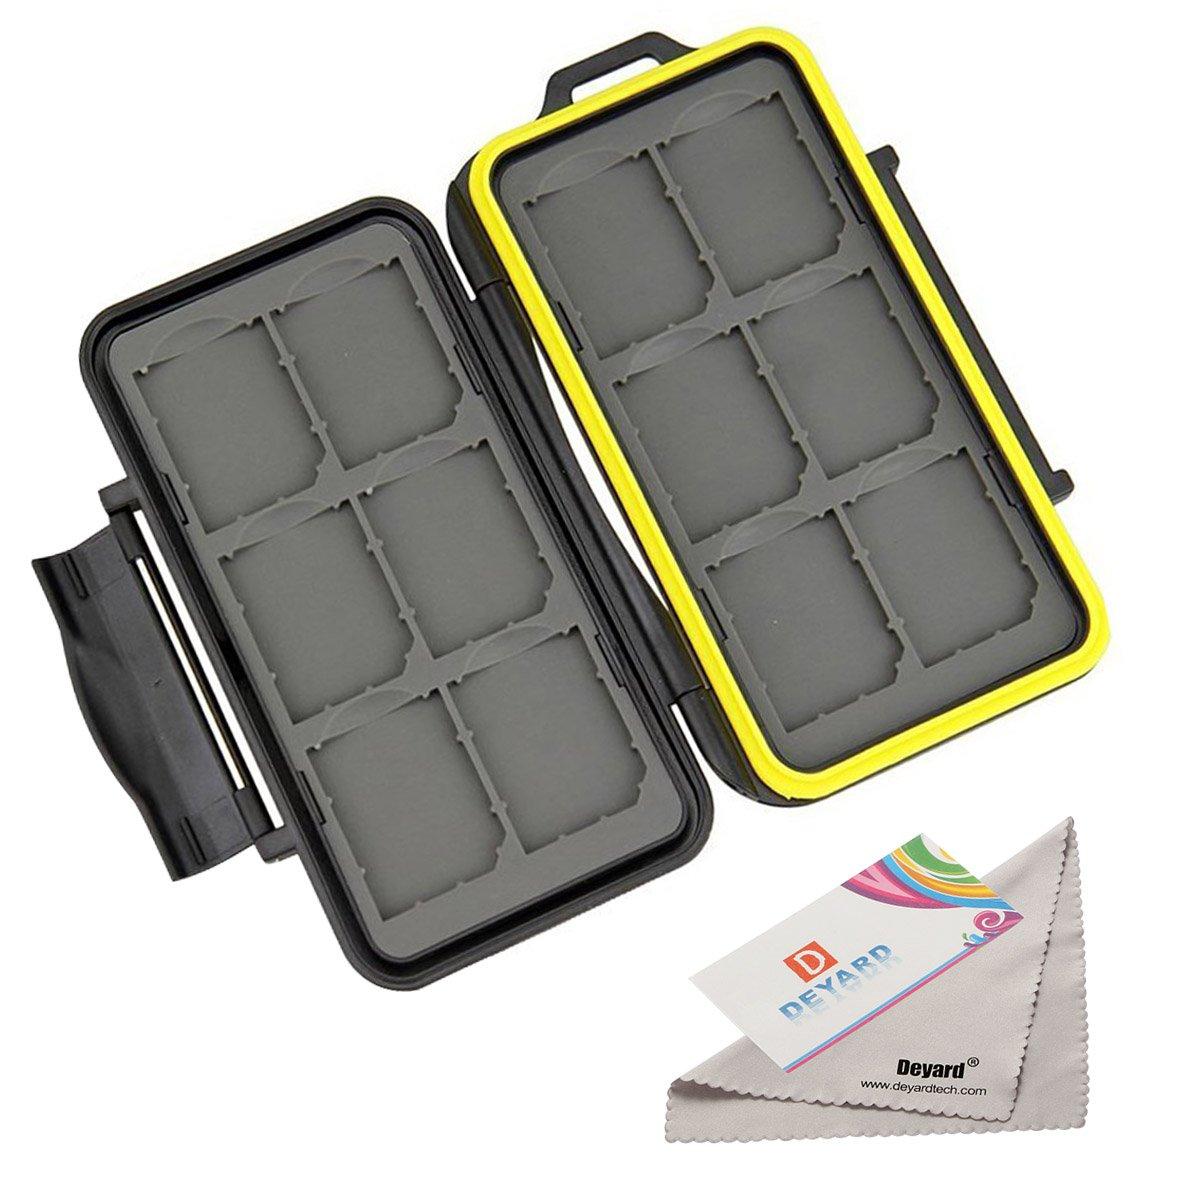 Deyard K020 memory card scheda di memoria impermeabile antiurto Carrying box: 24 slot per 12 e 12 SDHC/SDXC micro SD Cards –  aggiornato gomma sigillato Protector Deyard Tech